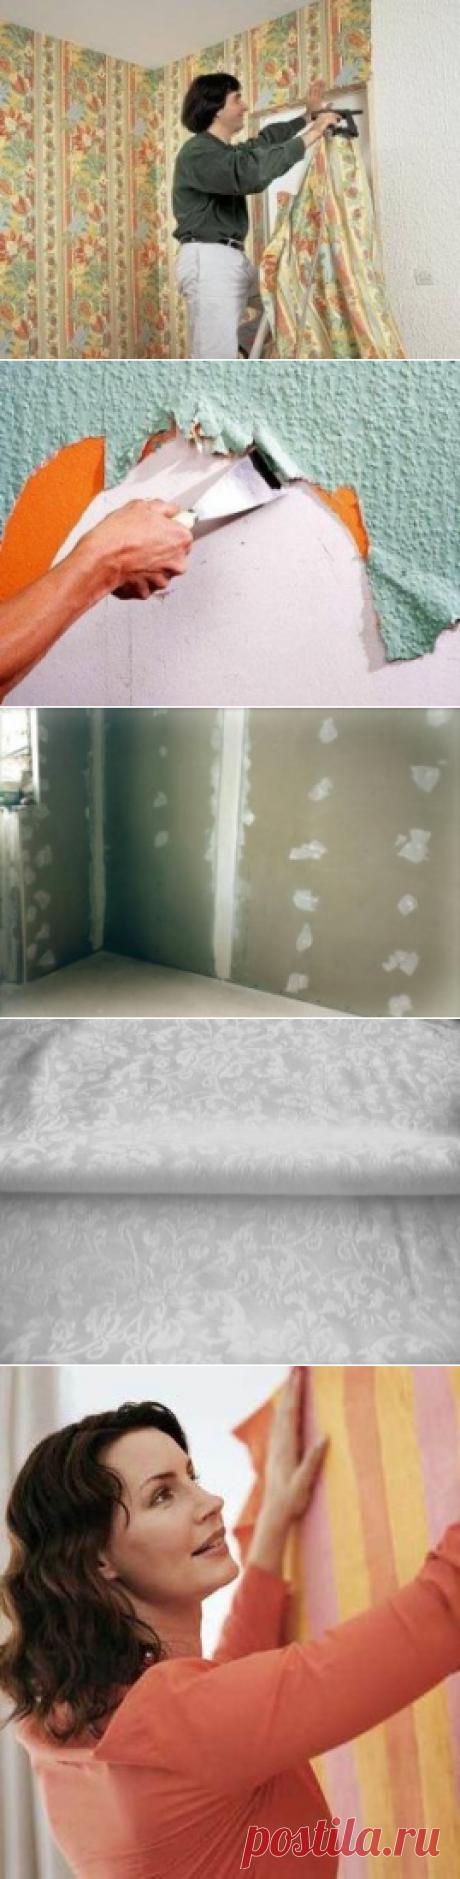 Варианты внутренней отделки стен с помощью ткани